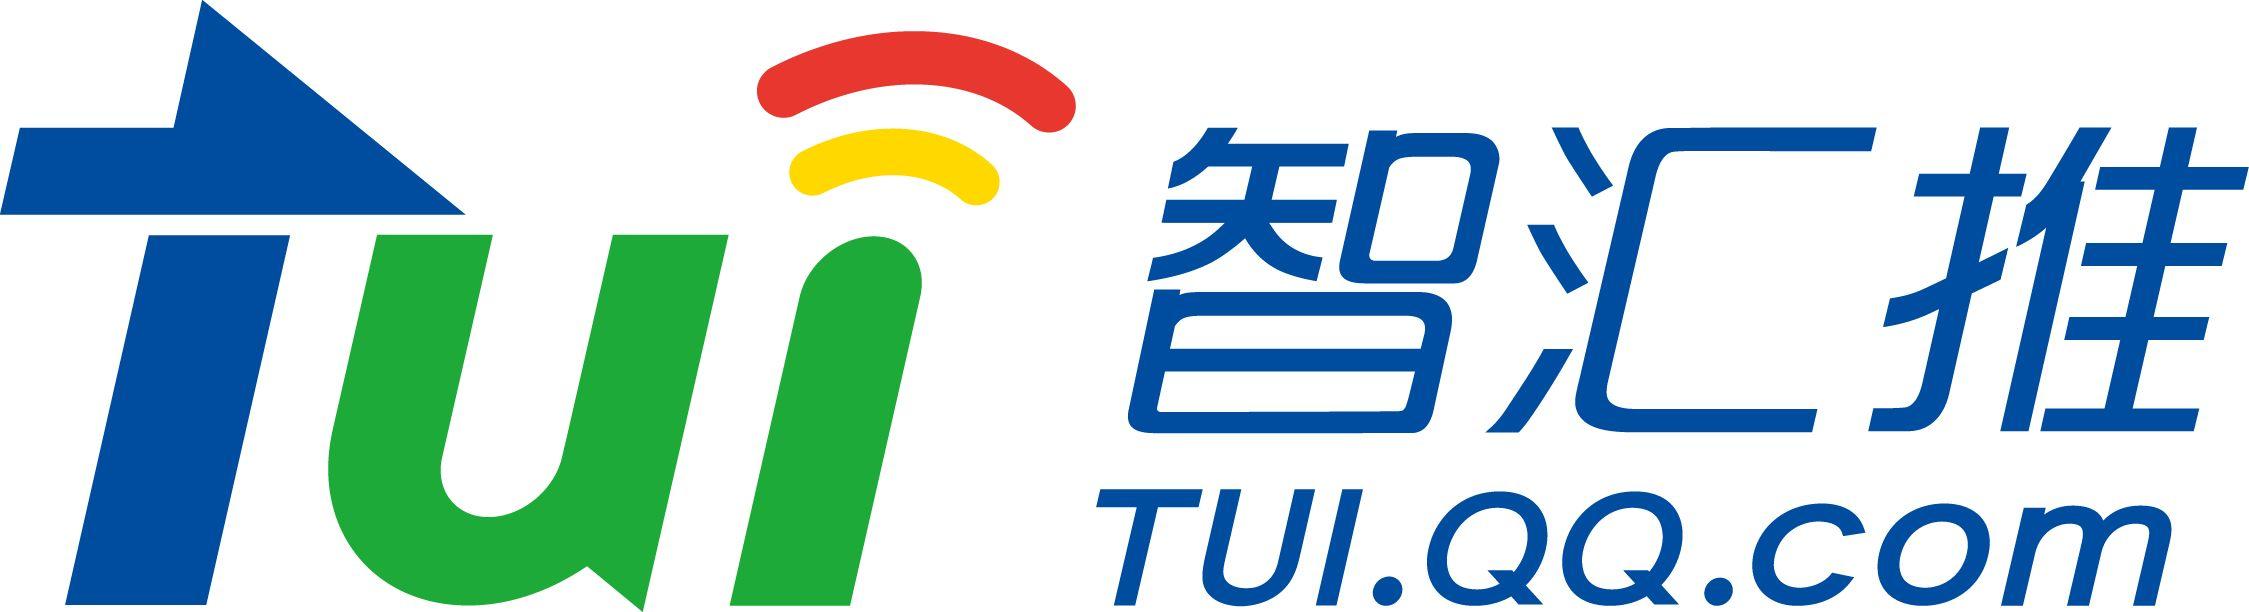 logo logo 标志 设计 矢量 矢量图 素材 图标 2249_612